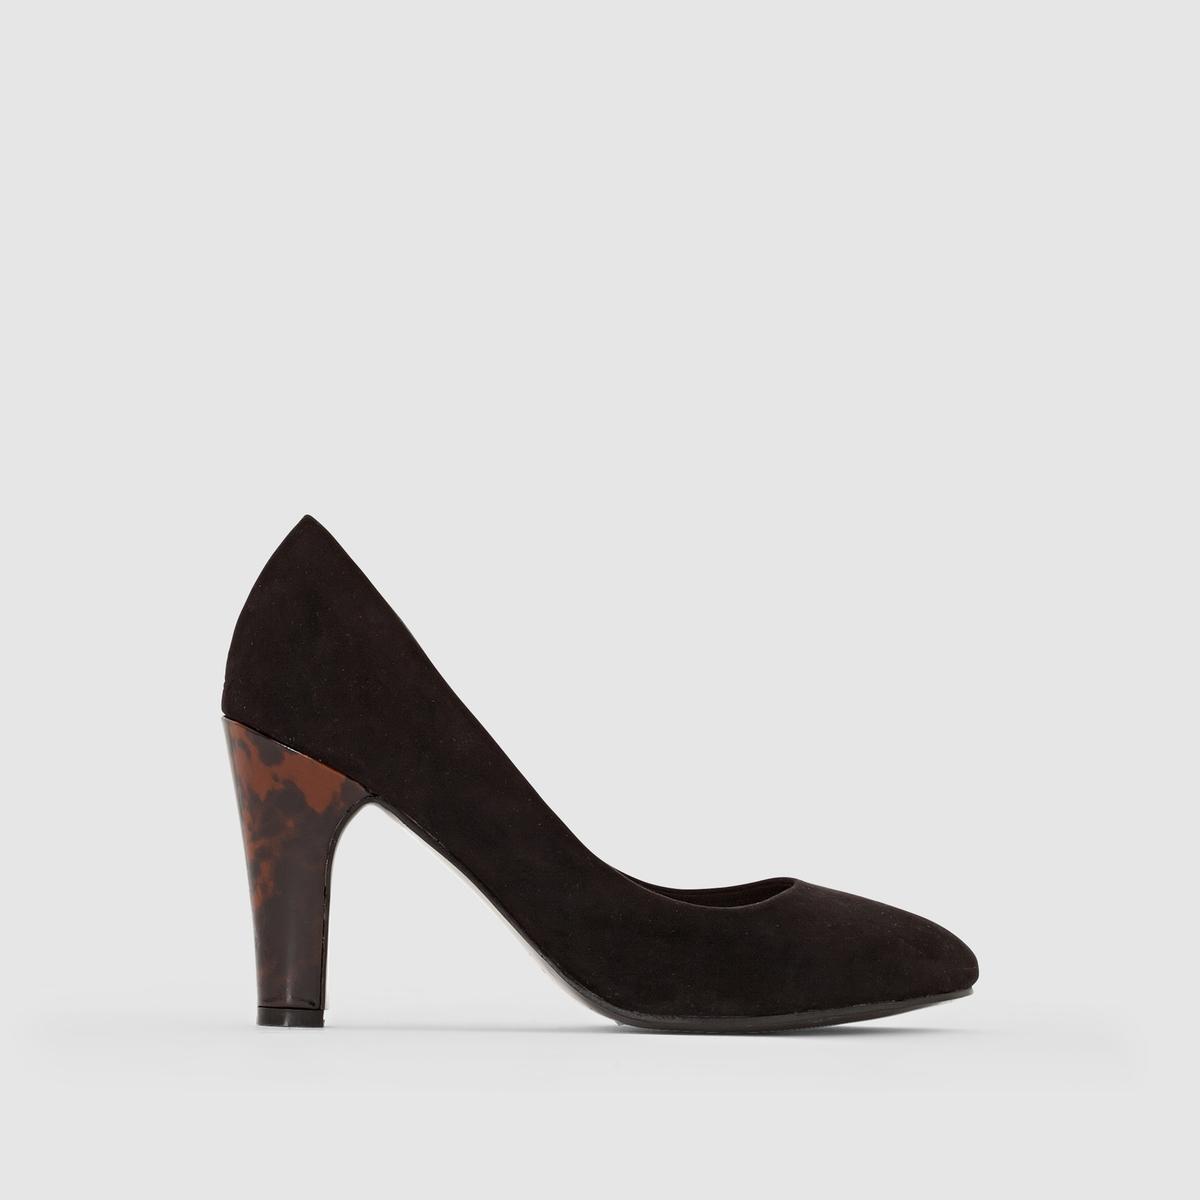 Туфли с оригинальным каблукомМарка : CASTALUNAПодходит : для широкой стопы.Верх : искусственная замша.Подкладка : текстиль.Стелька : кожа.Подошва : из эластомера.Каблук : 9 см.Преимущества : очень высокий оригинальный каблук.<br><br>Цвет: черный